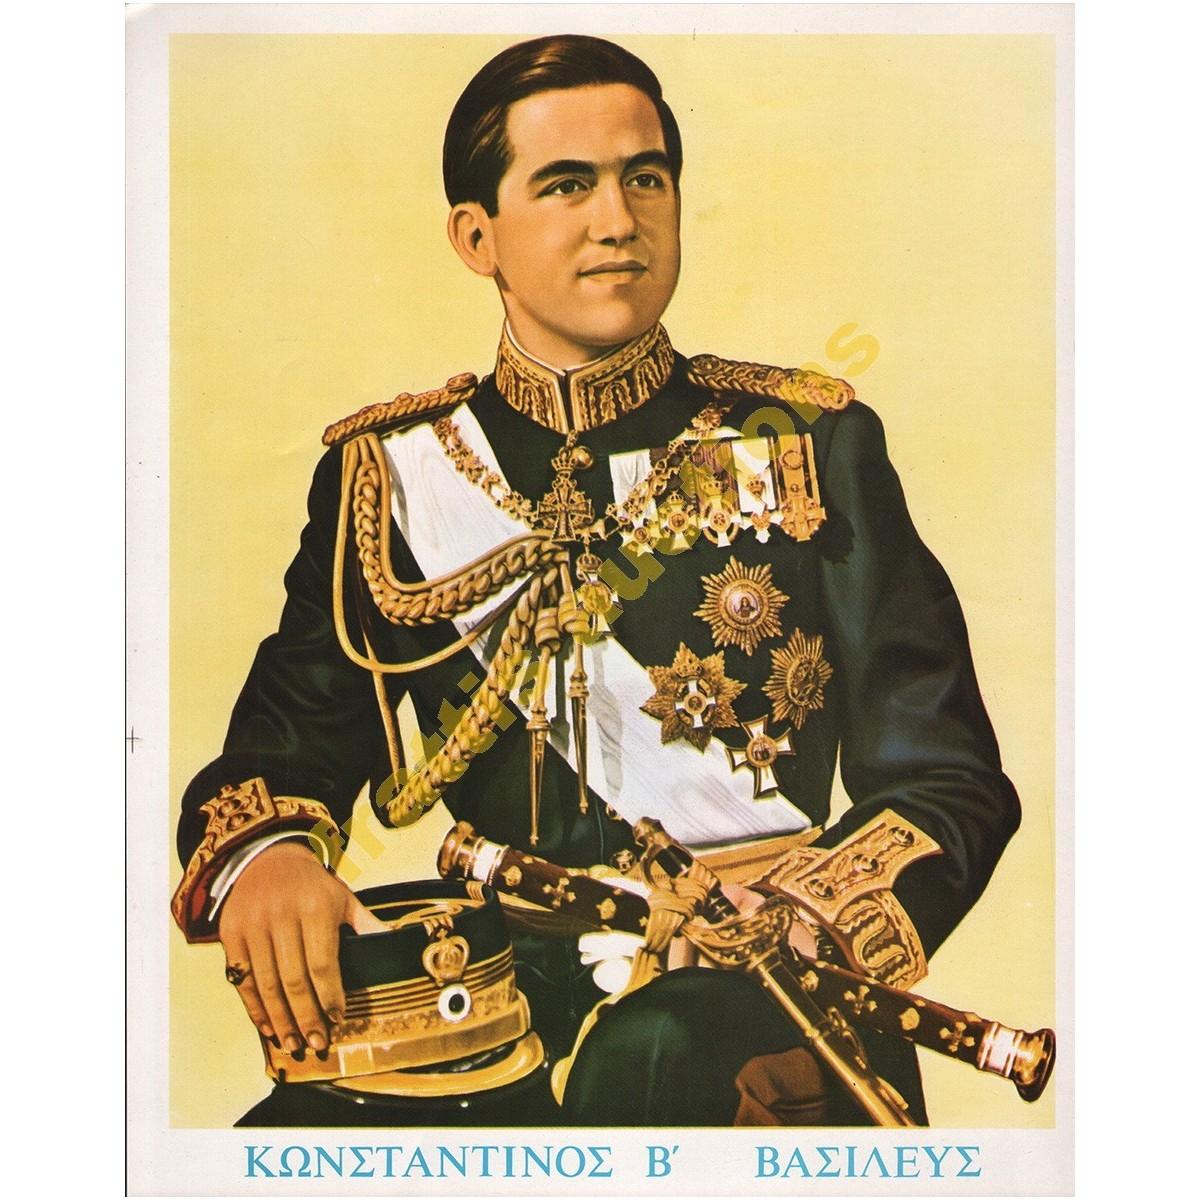 Κωνσταντίνος Β' Βασιλεύς, χάρτινο poster.